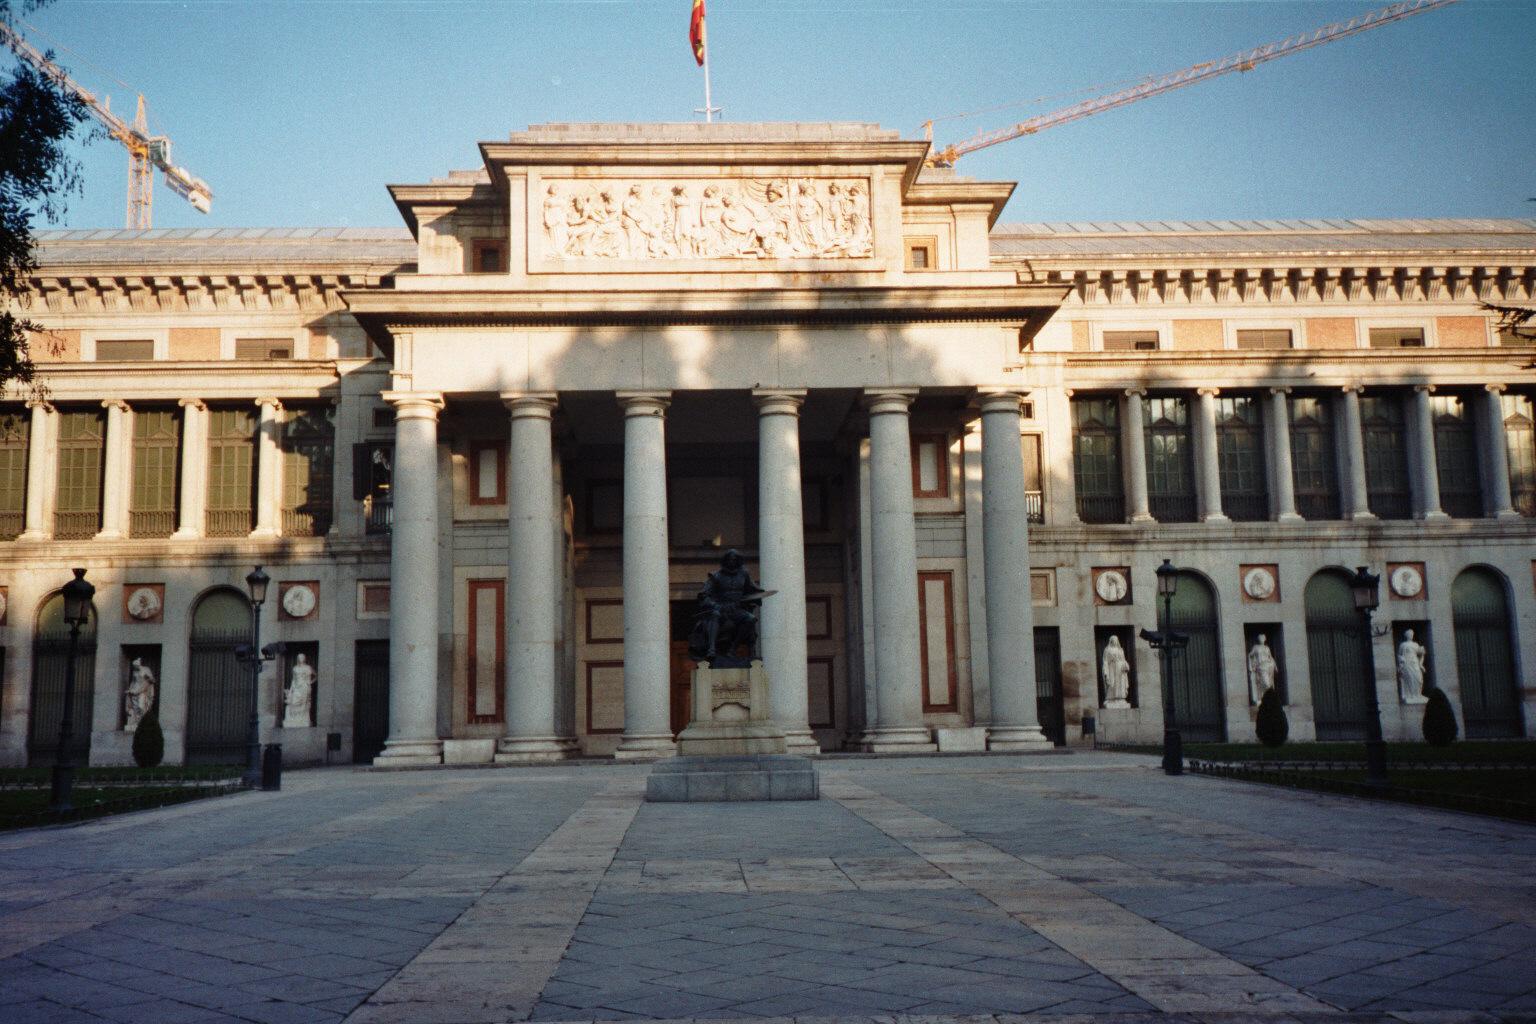 Con motivo da celebración do día dos museos, esta semana propoñemos a seguinte actividade.